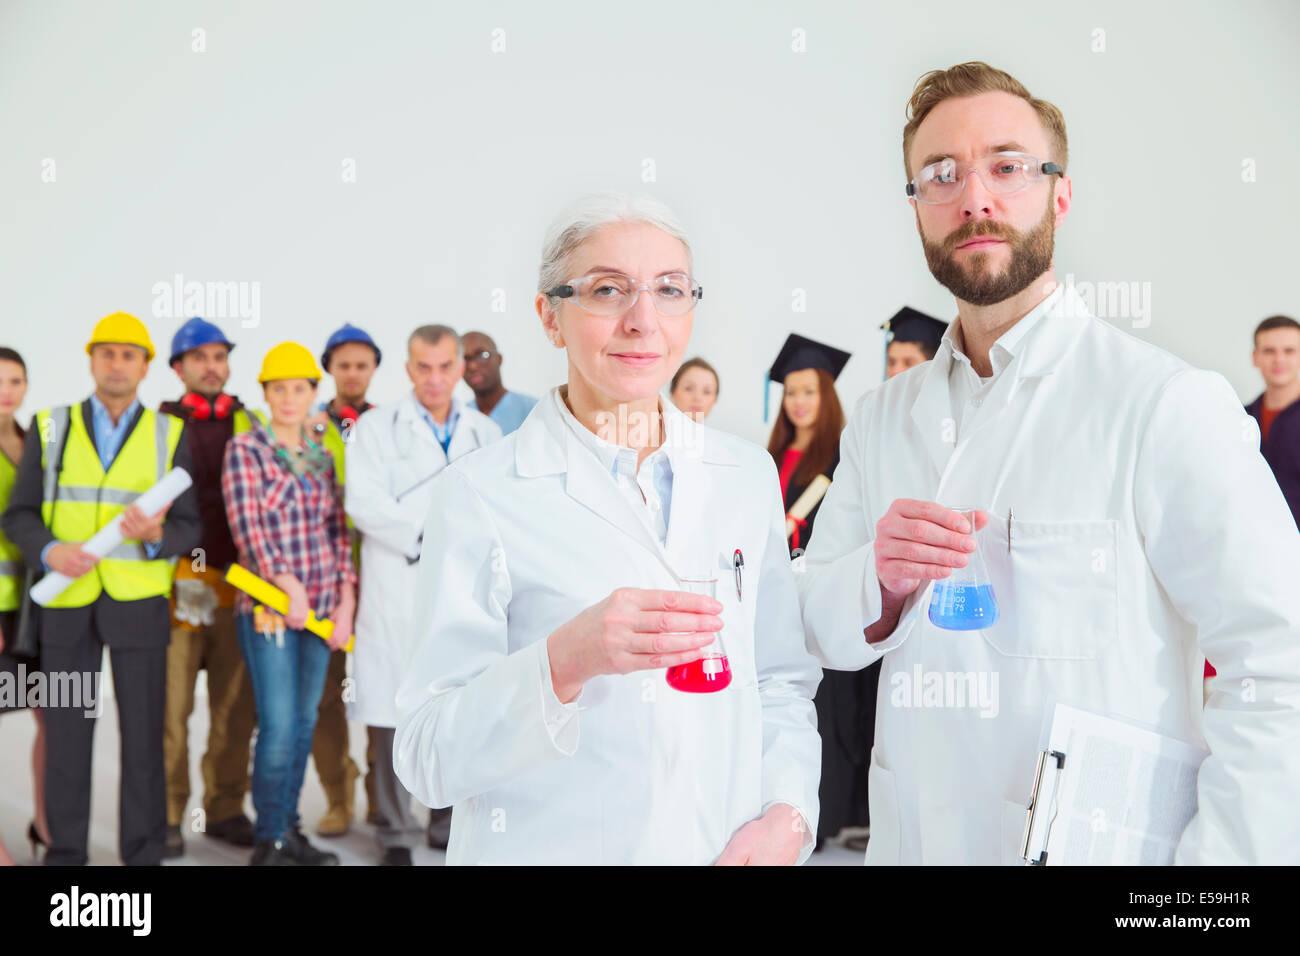 Porträt von Wissenschaftlern mit Mitarbeitern im Hintergrund Stockbild